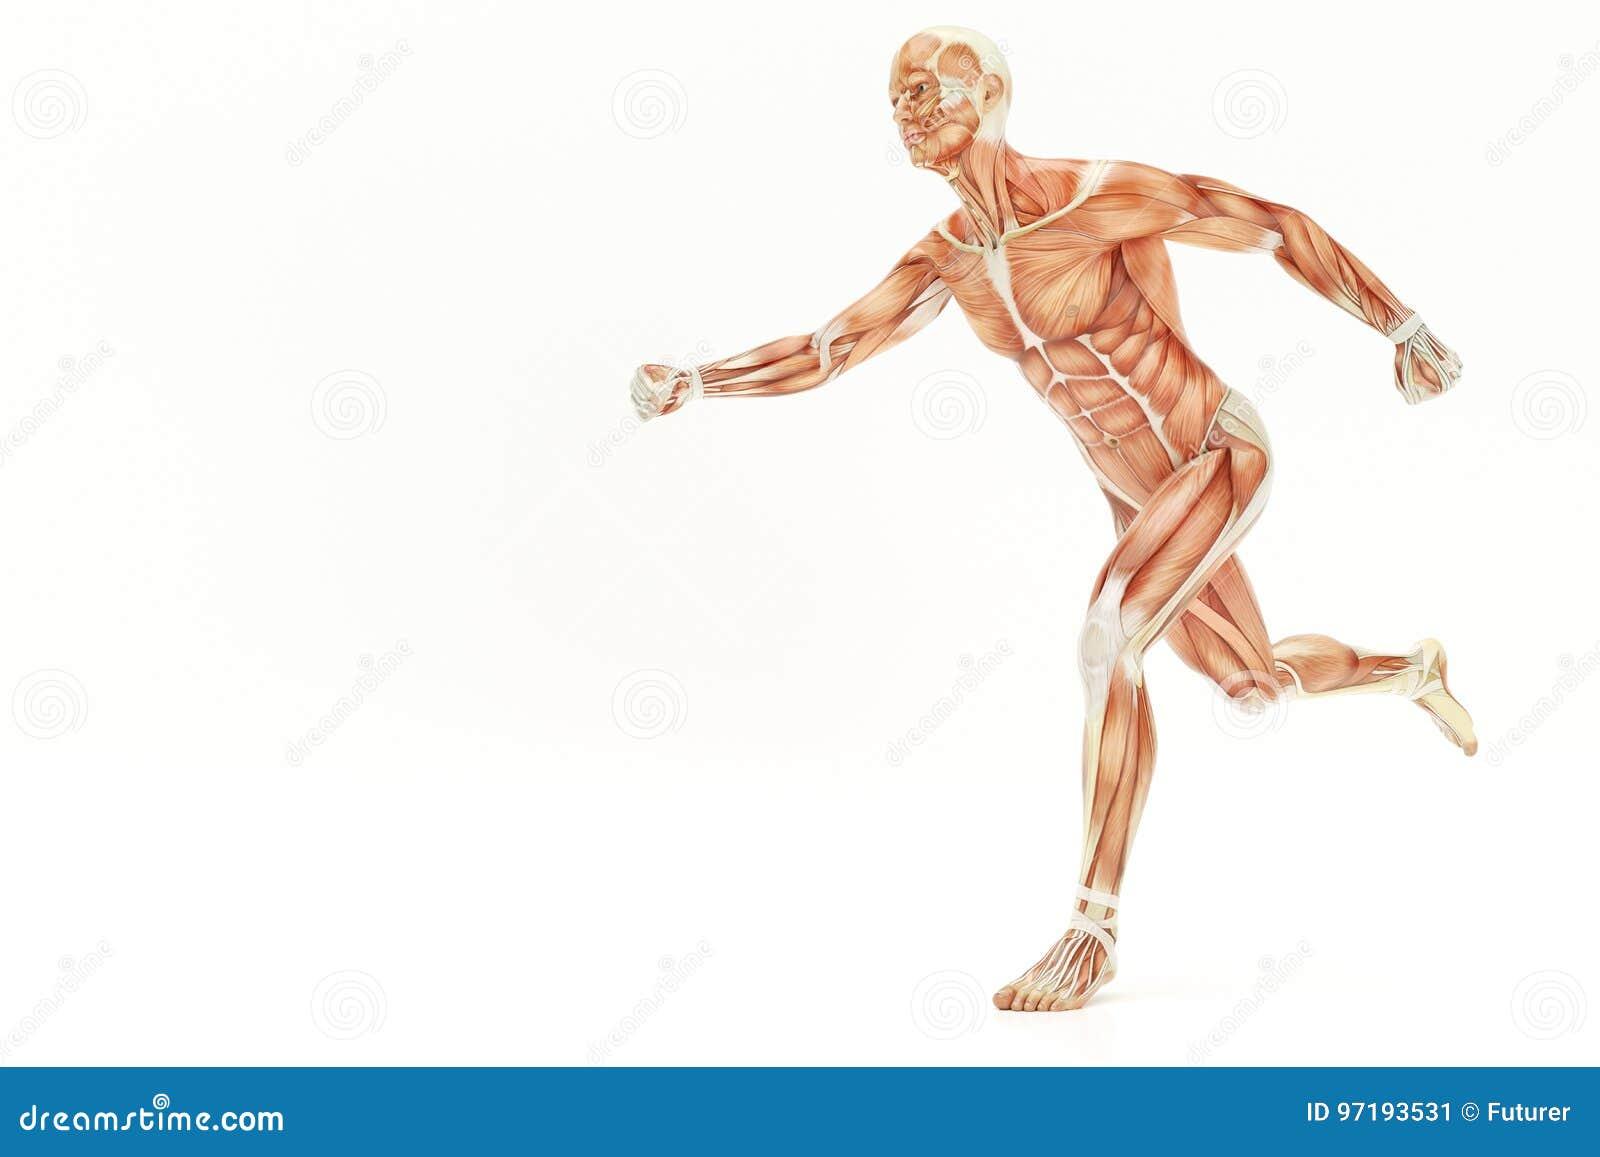 Anatomía De Correr El Cuerpo Humano, Representación De Los Músculos ...